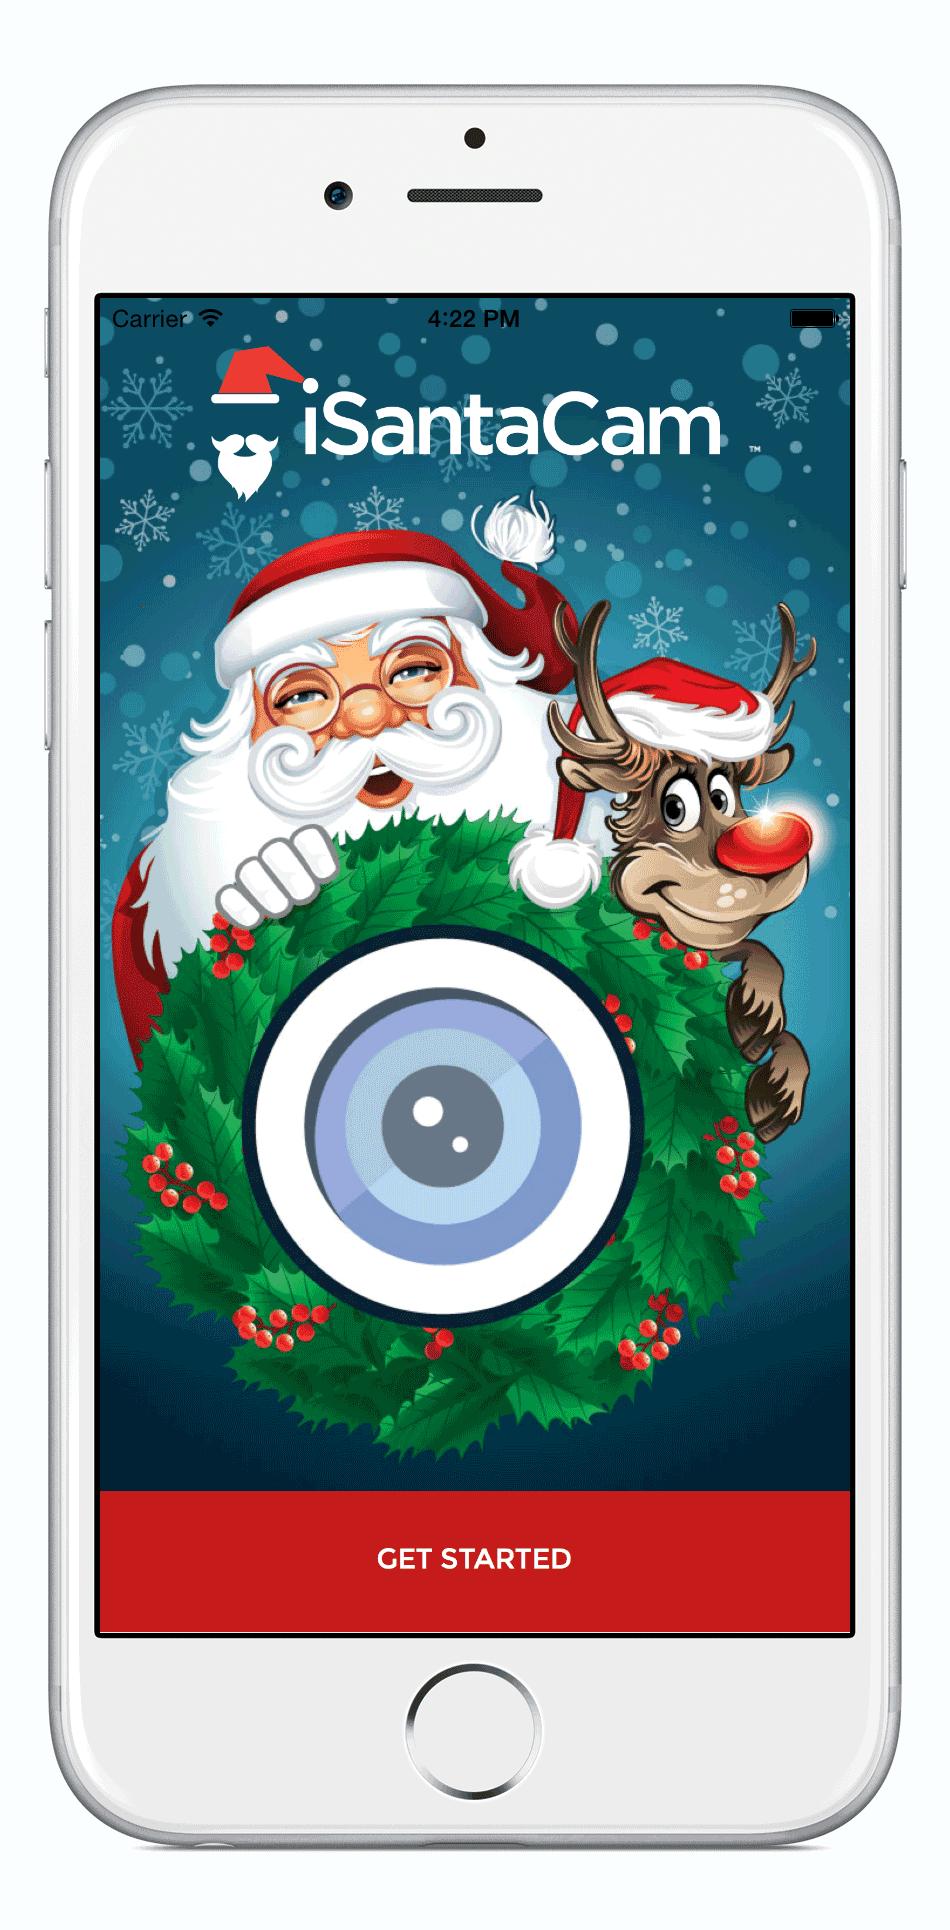 iSantaCam1-mobile-app